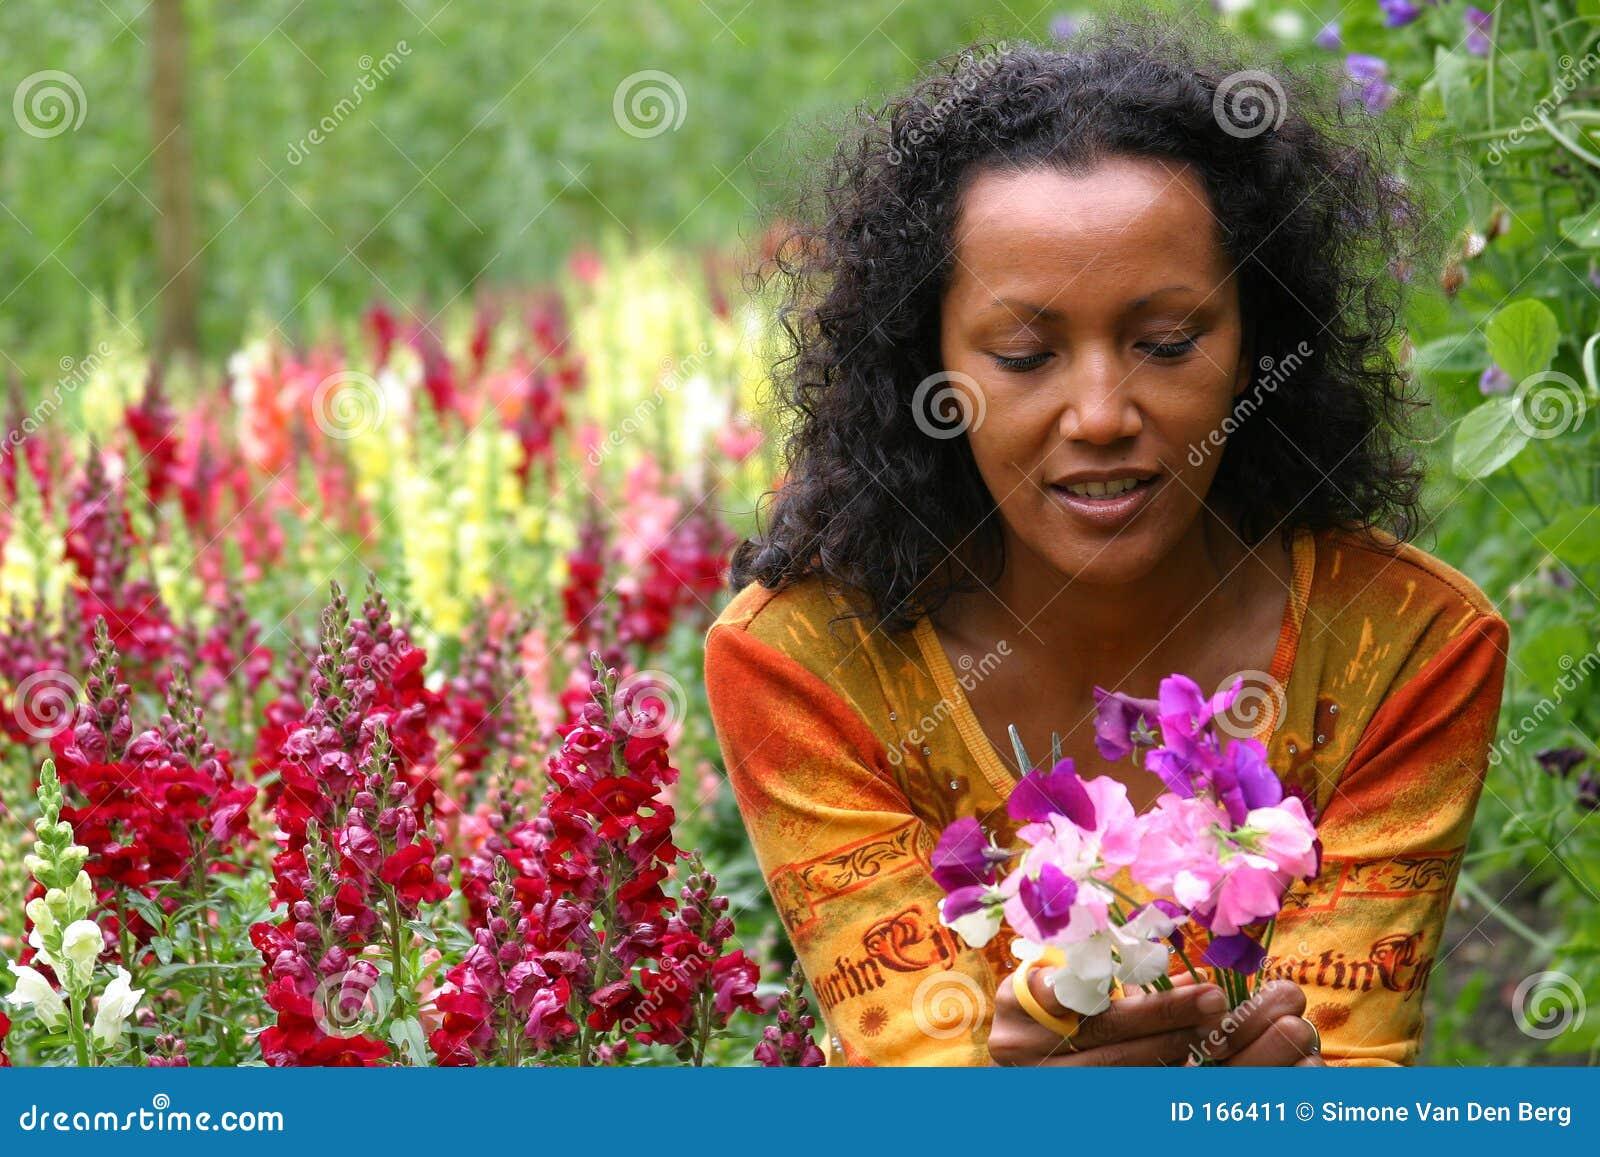 Download Beautiful woman smiling stock image. Image of gardening - 166411